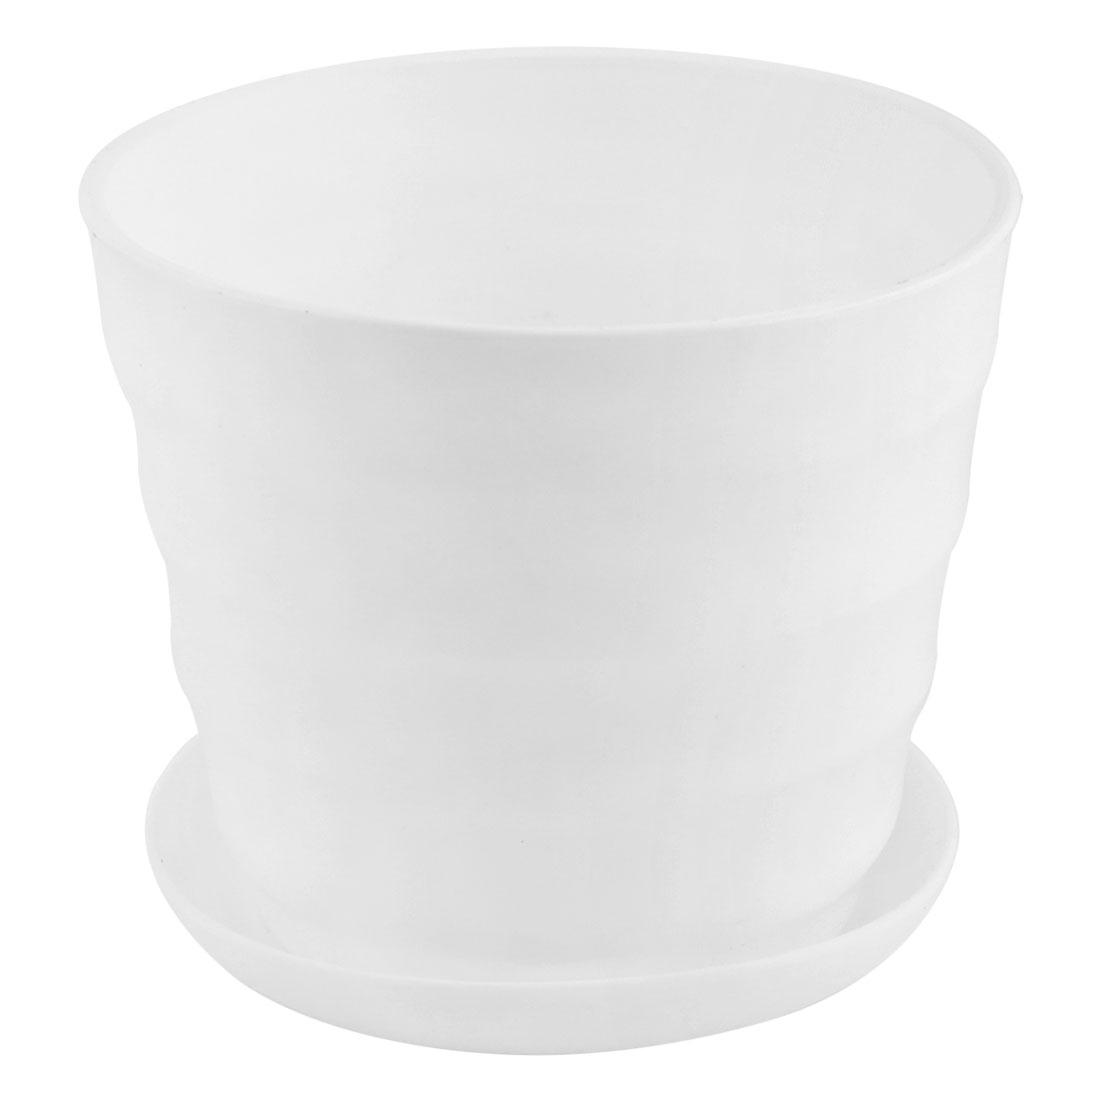 15.5cm Dia White Plastic Stripe Pattern Plant Flower Pot Home Garden Office Decor